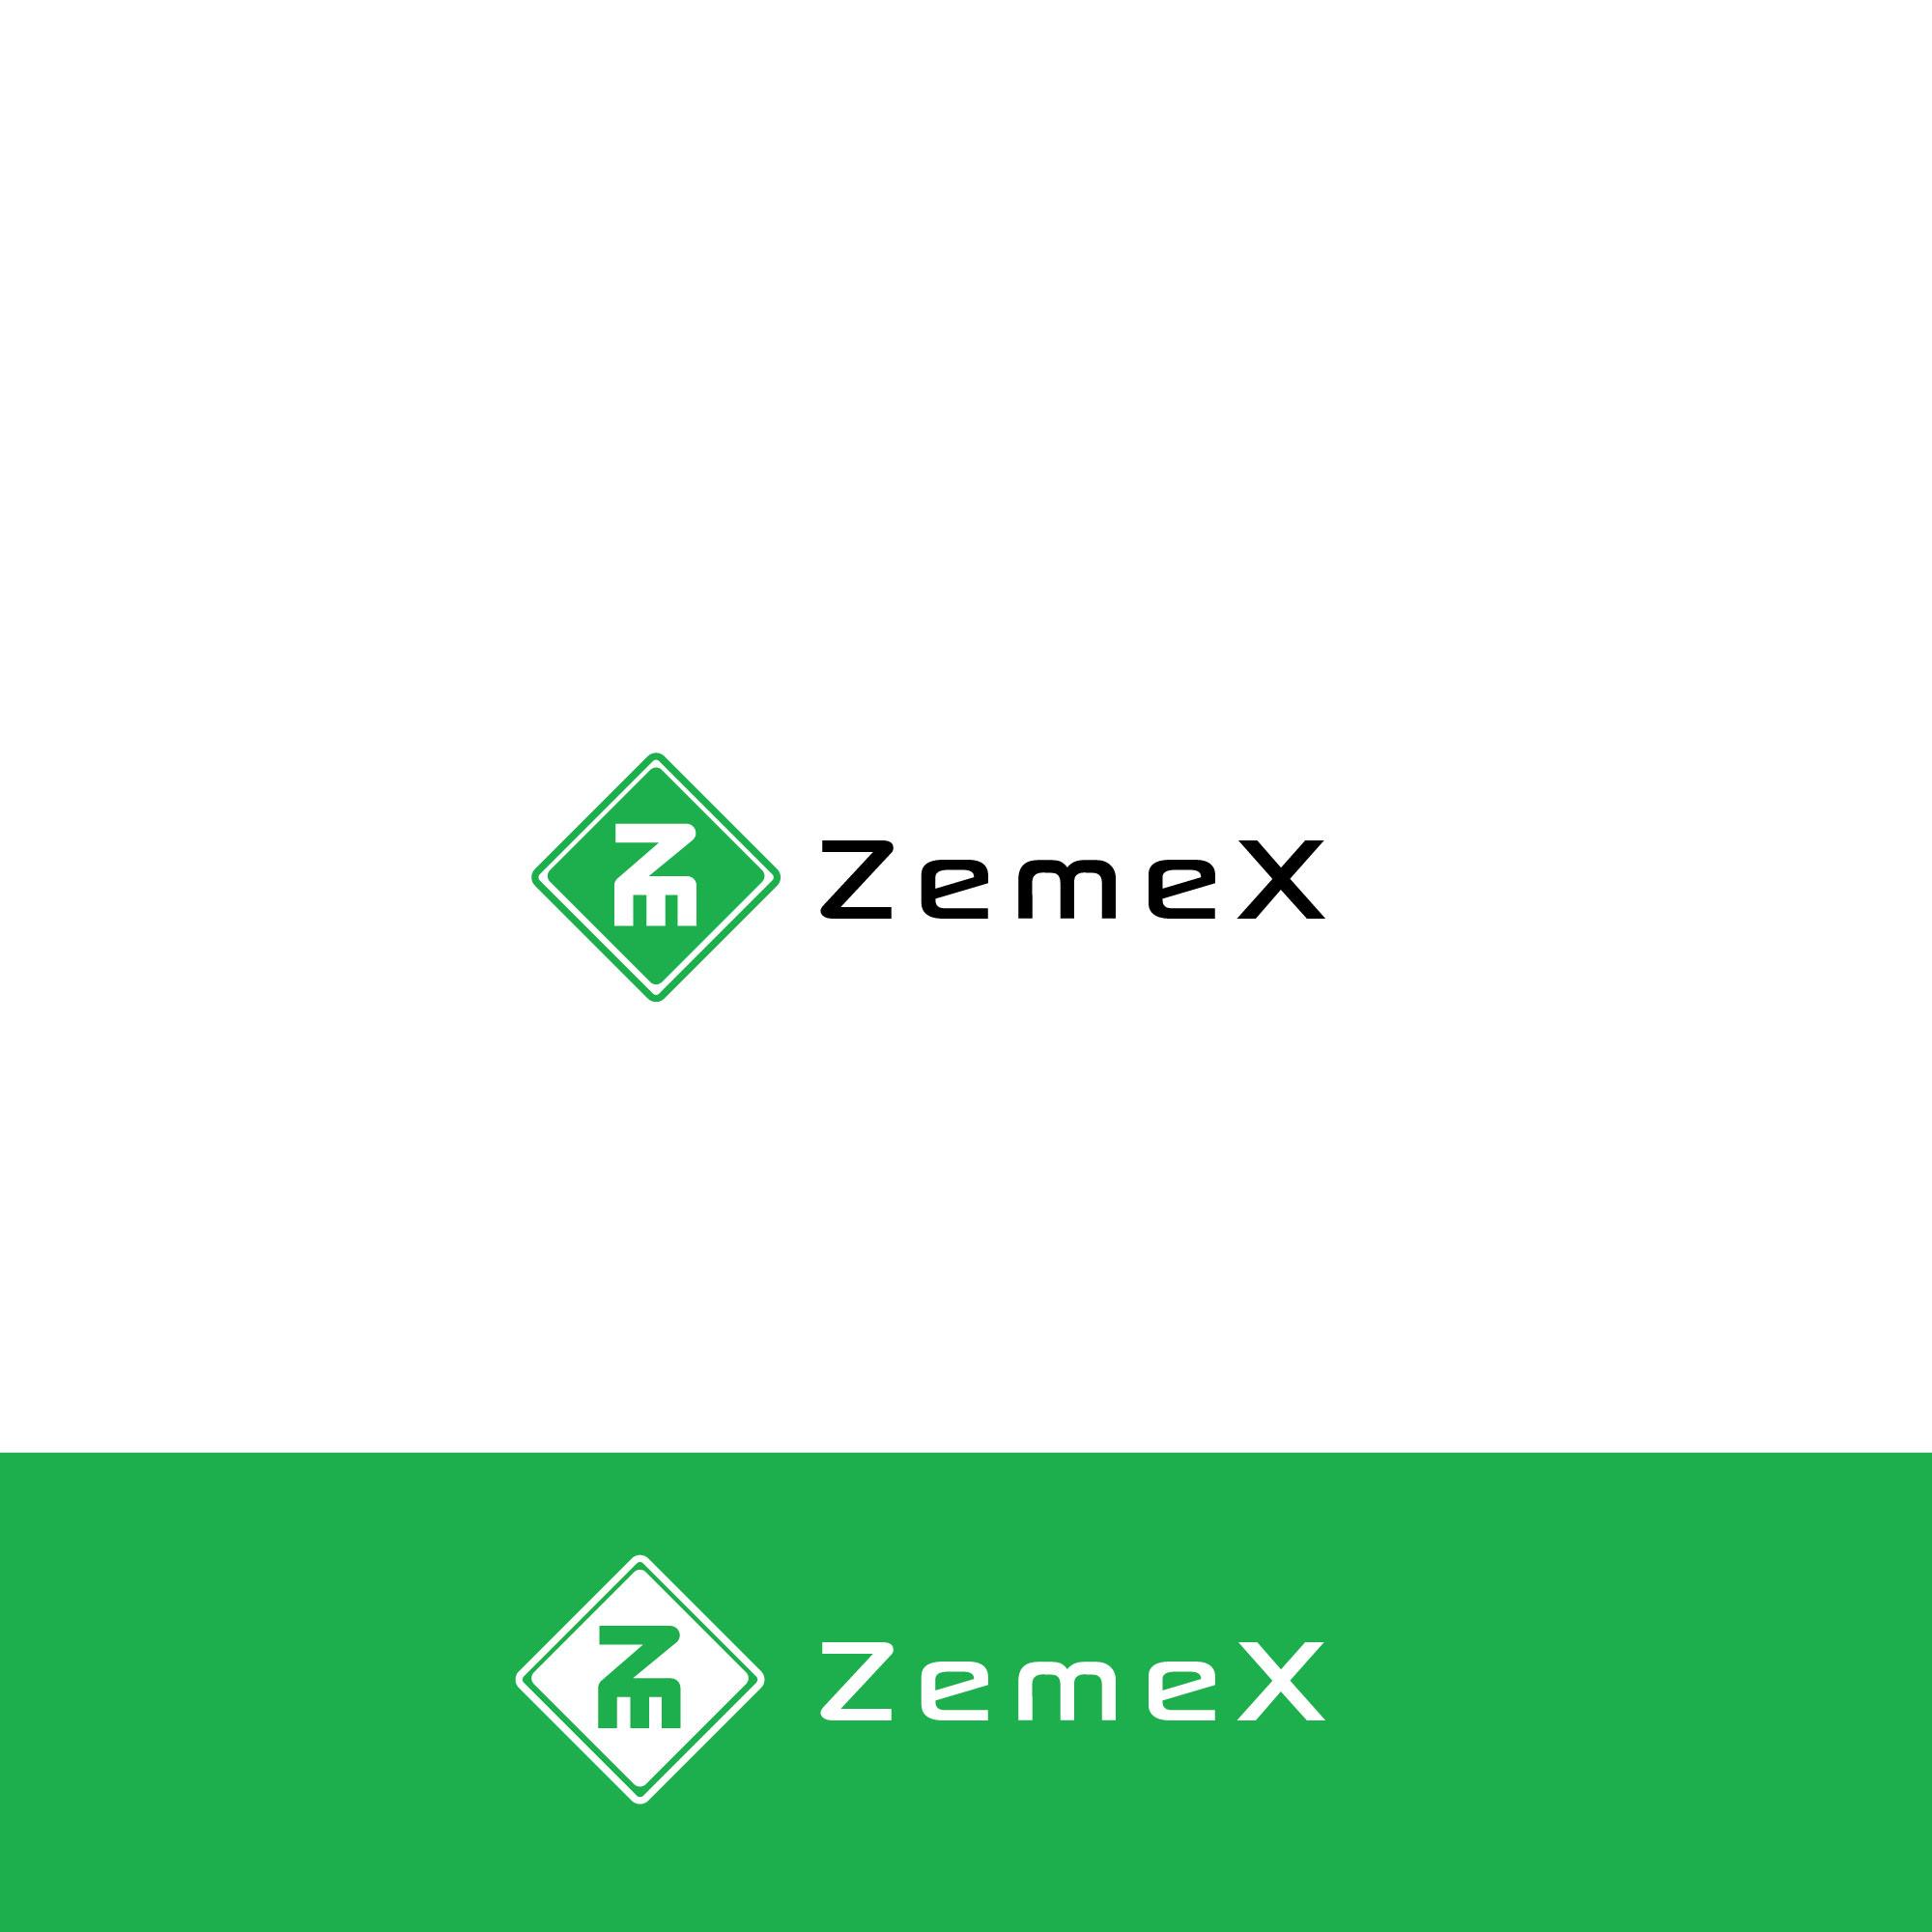 Создание логотипа и фирменного стиля фото f_03359e4e6e05af58.jpg